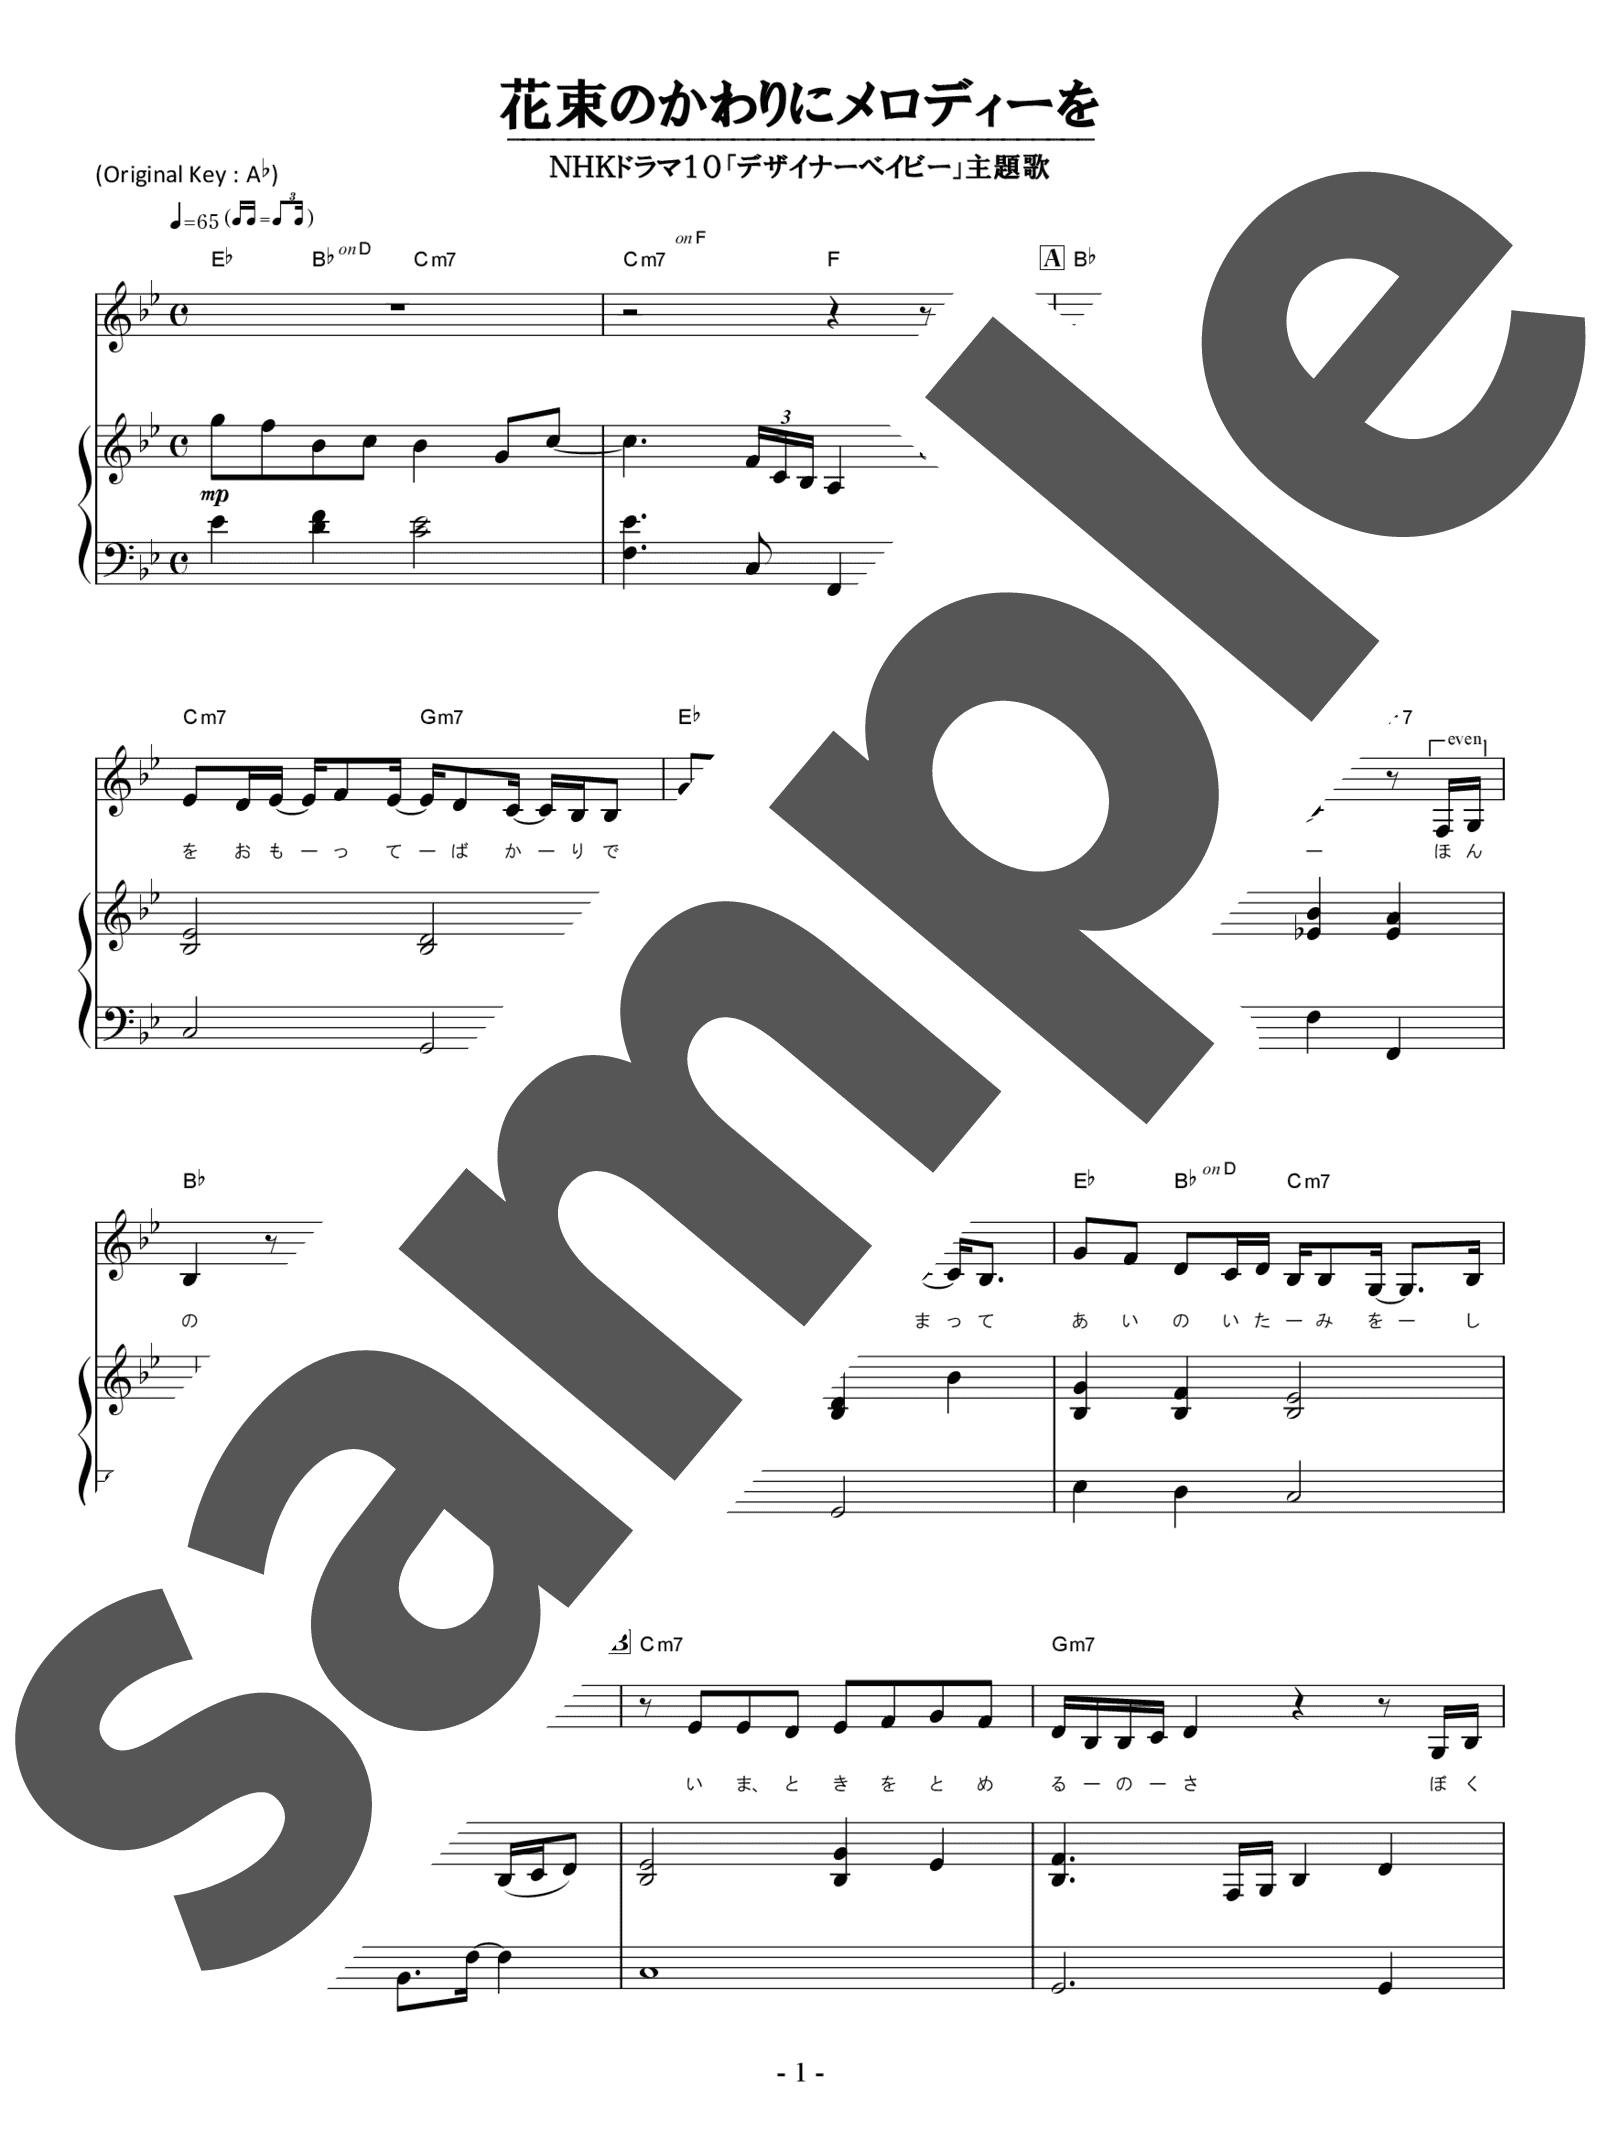 「花束のかわりにメロディーを」のサンプル楽譜